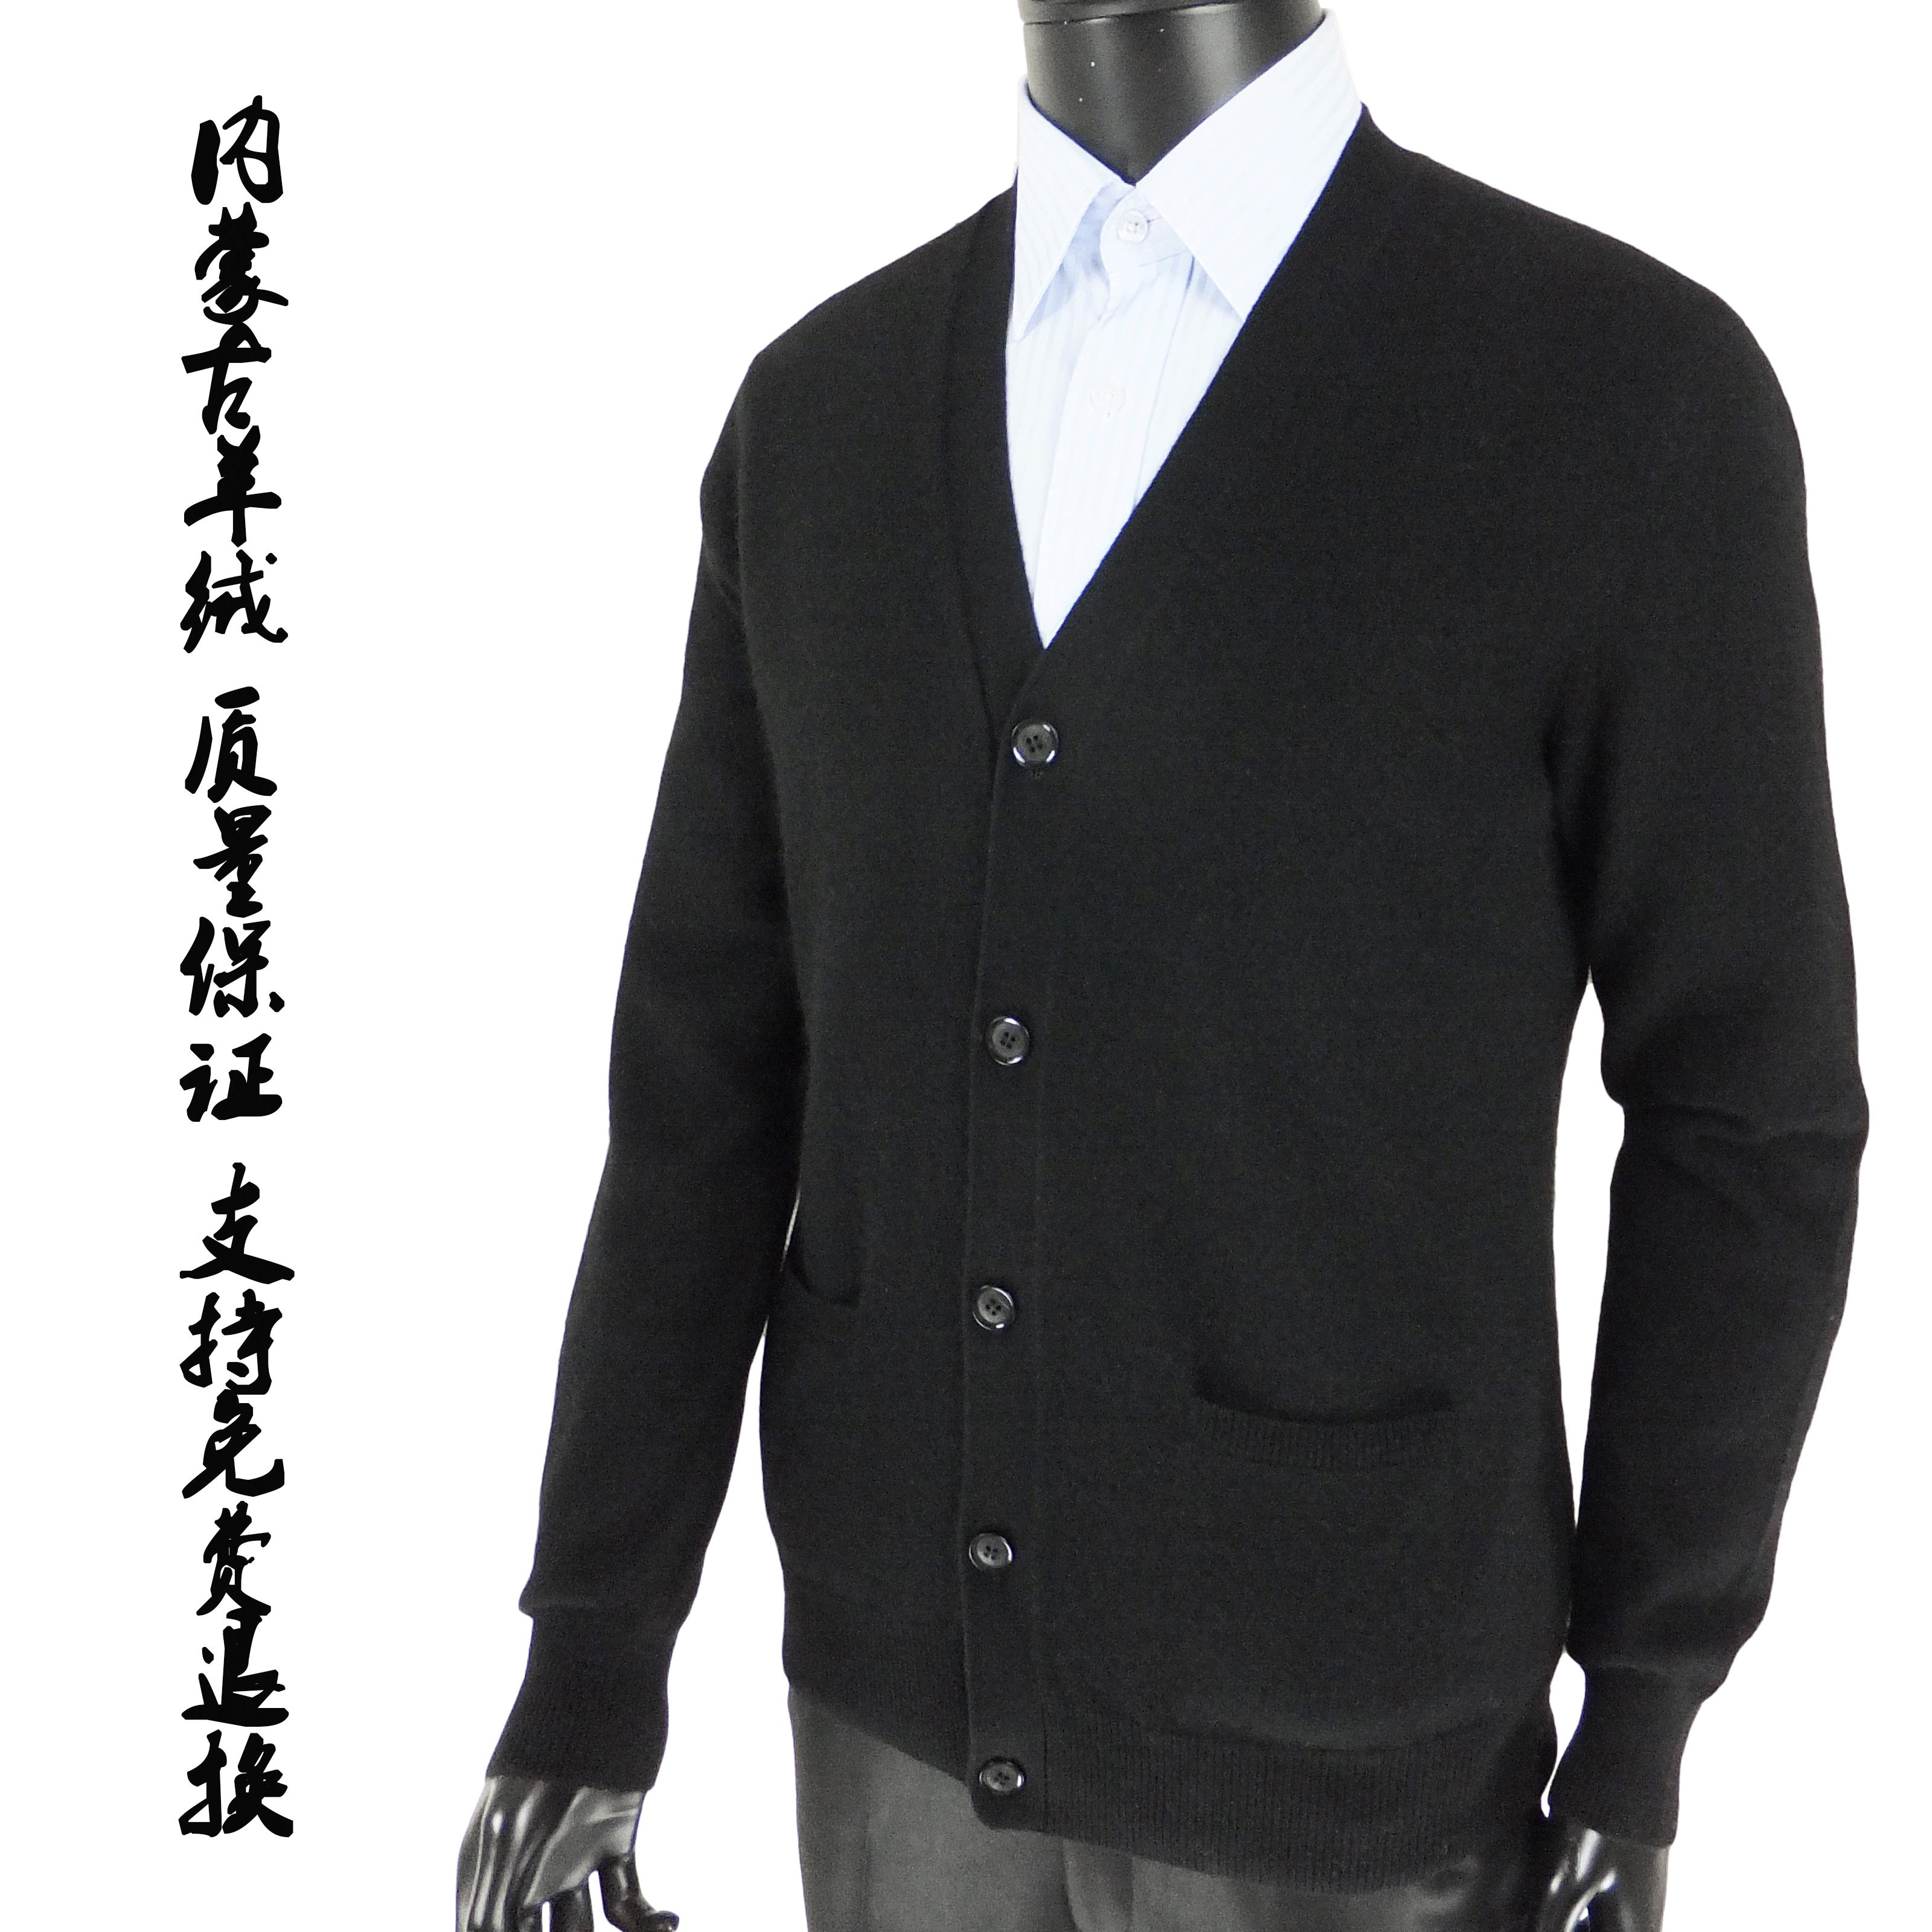 Trung niên và người cao tuổi cộng với phân bón để tăng cashmere áo len nam rắn màu V-cổ áo len mỏng áo len dài tay áo len cardigan